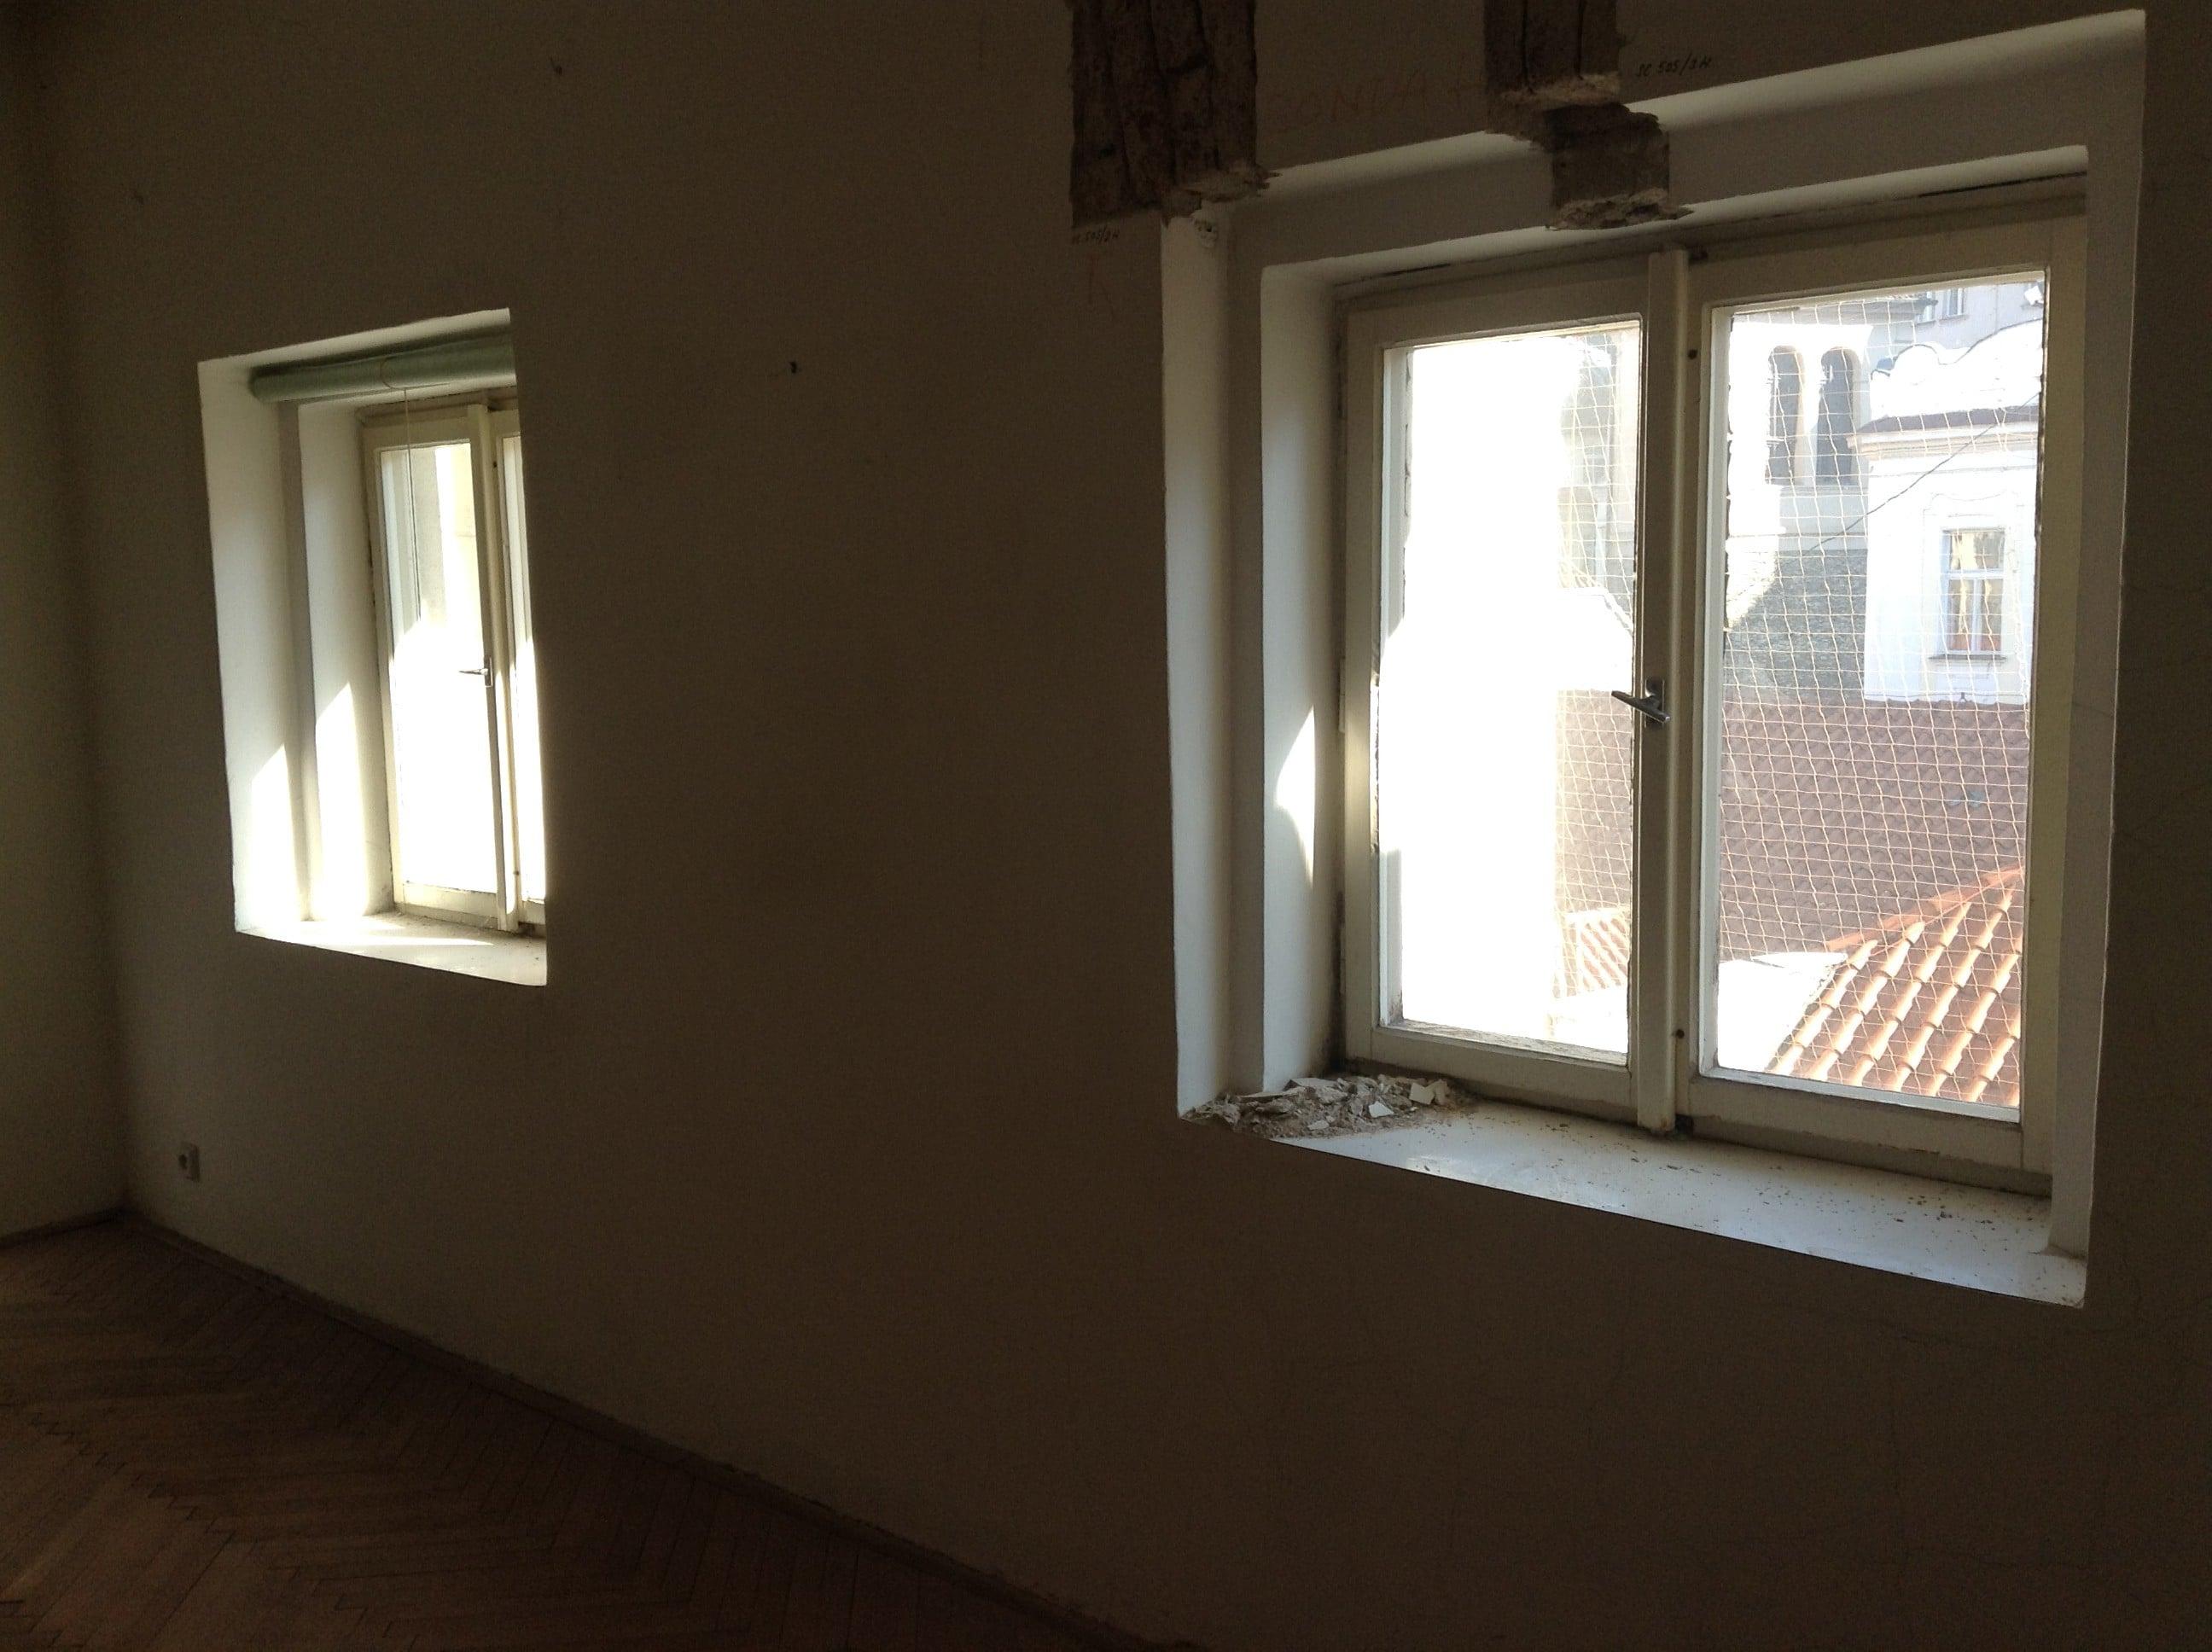 למכירה בפראג 1 בניין 6 קומות במיקום אטרקטיבי במיוחד! (7)